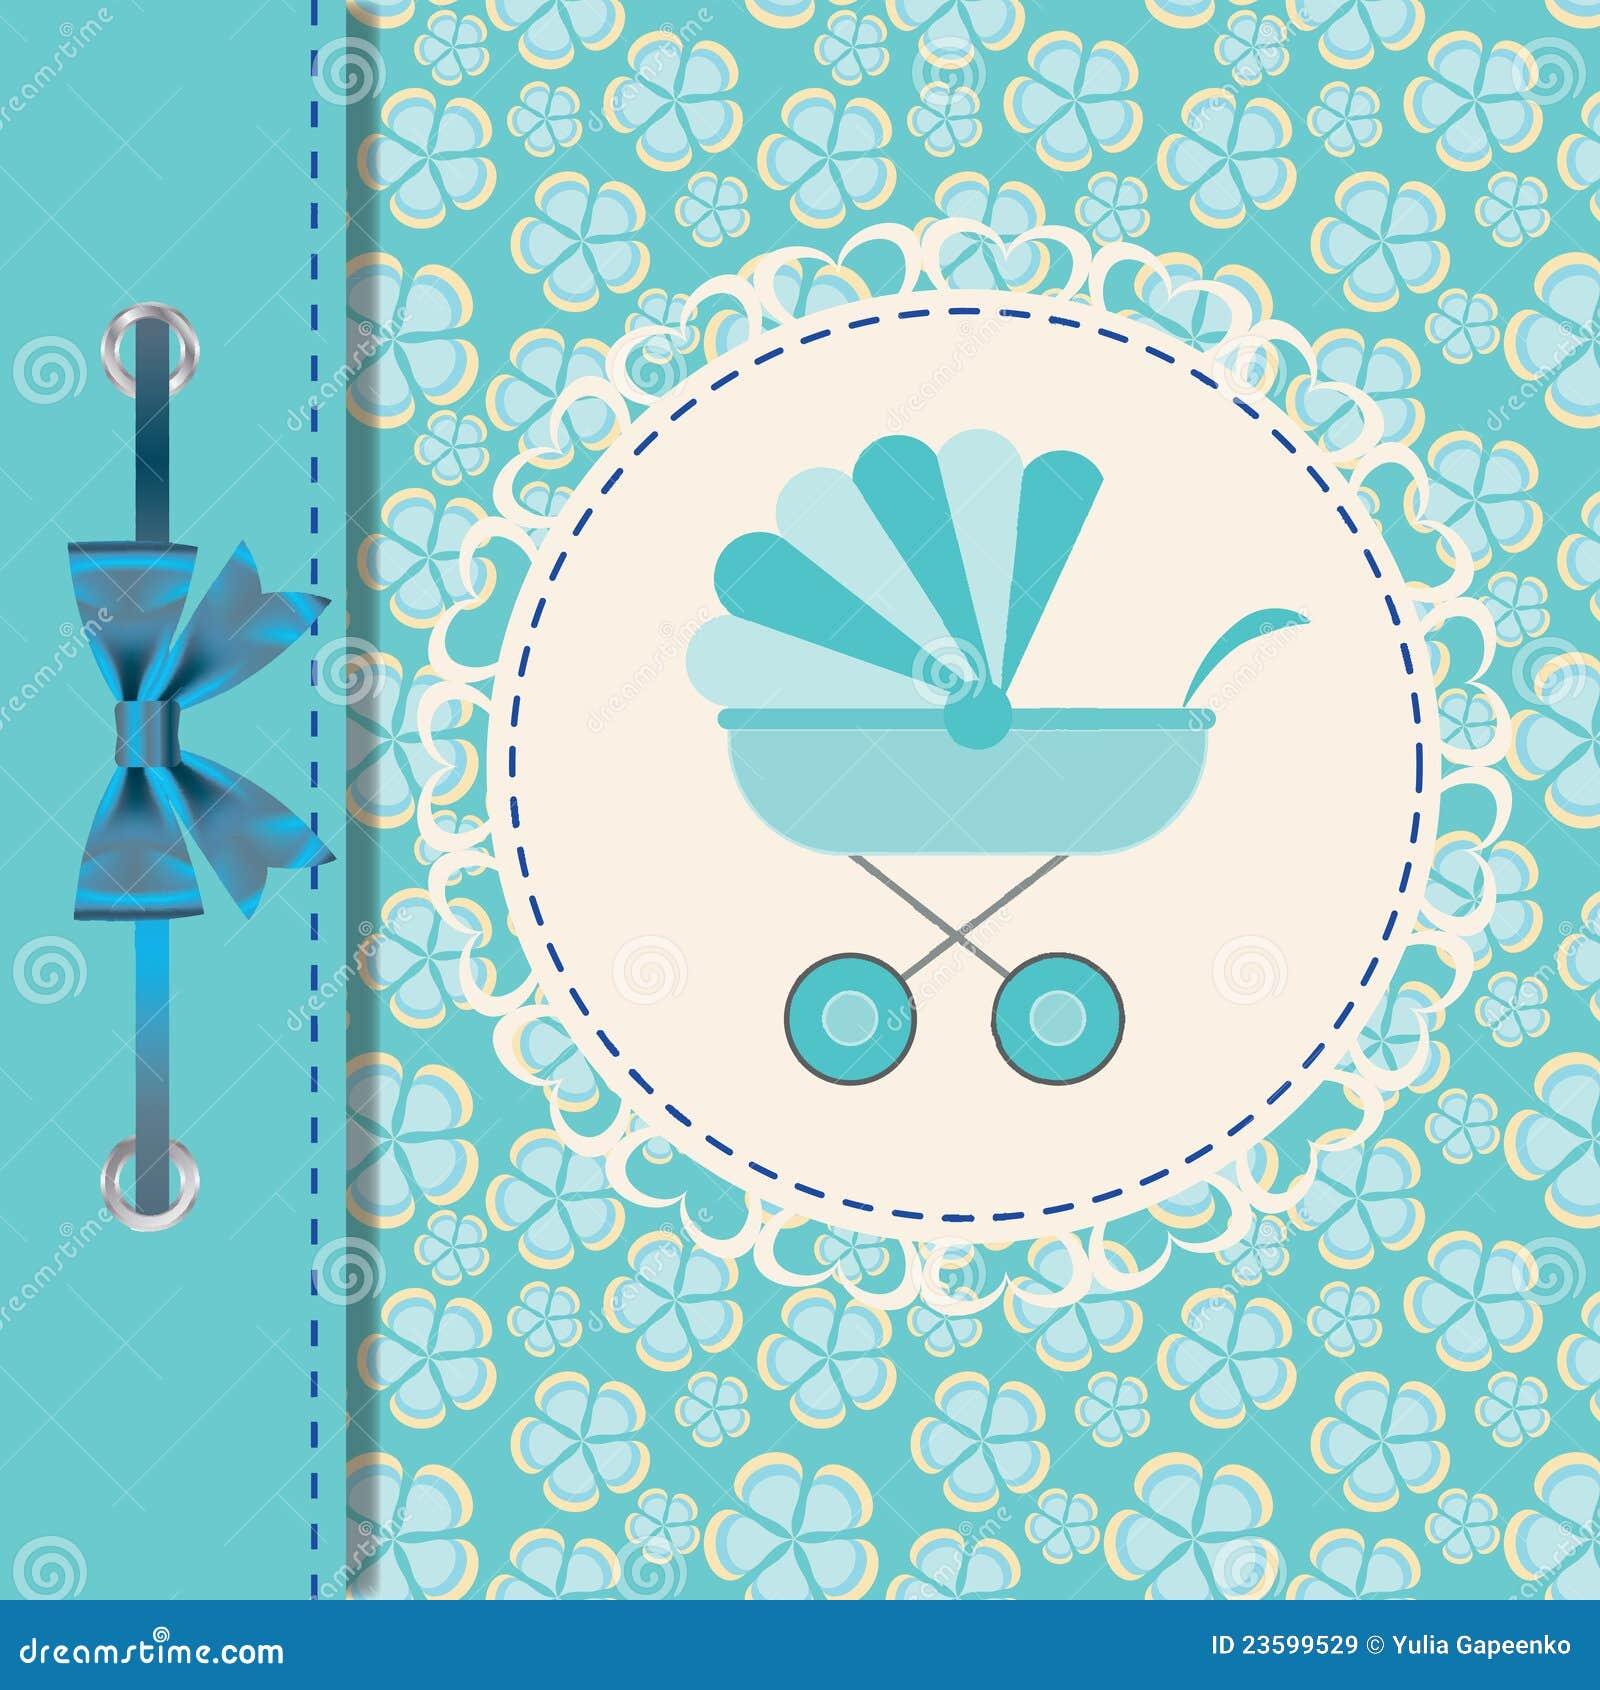 Vector illustratie van blauwe kinderwagen vector illustratie afbeelding 23599529 - Bebe ontwerp ...